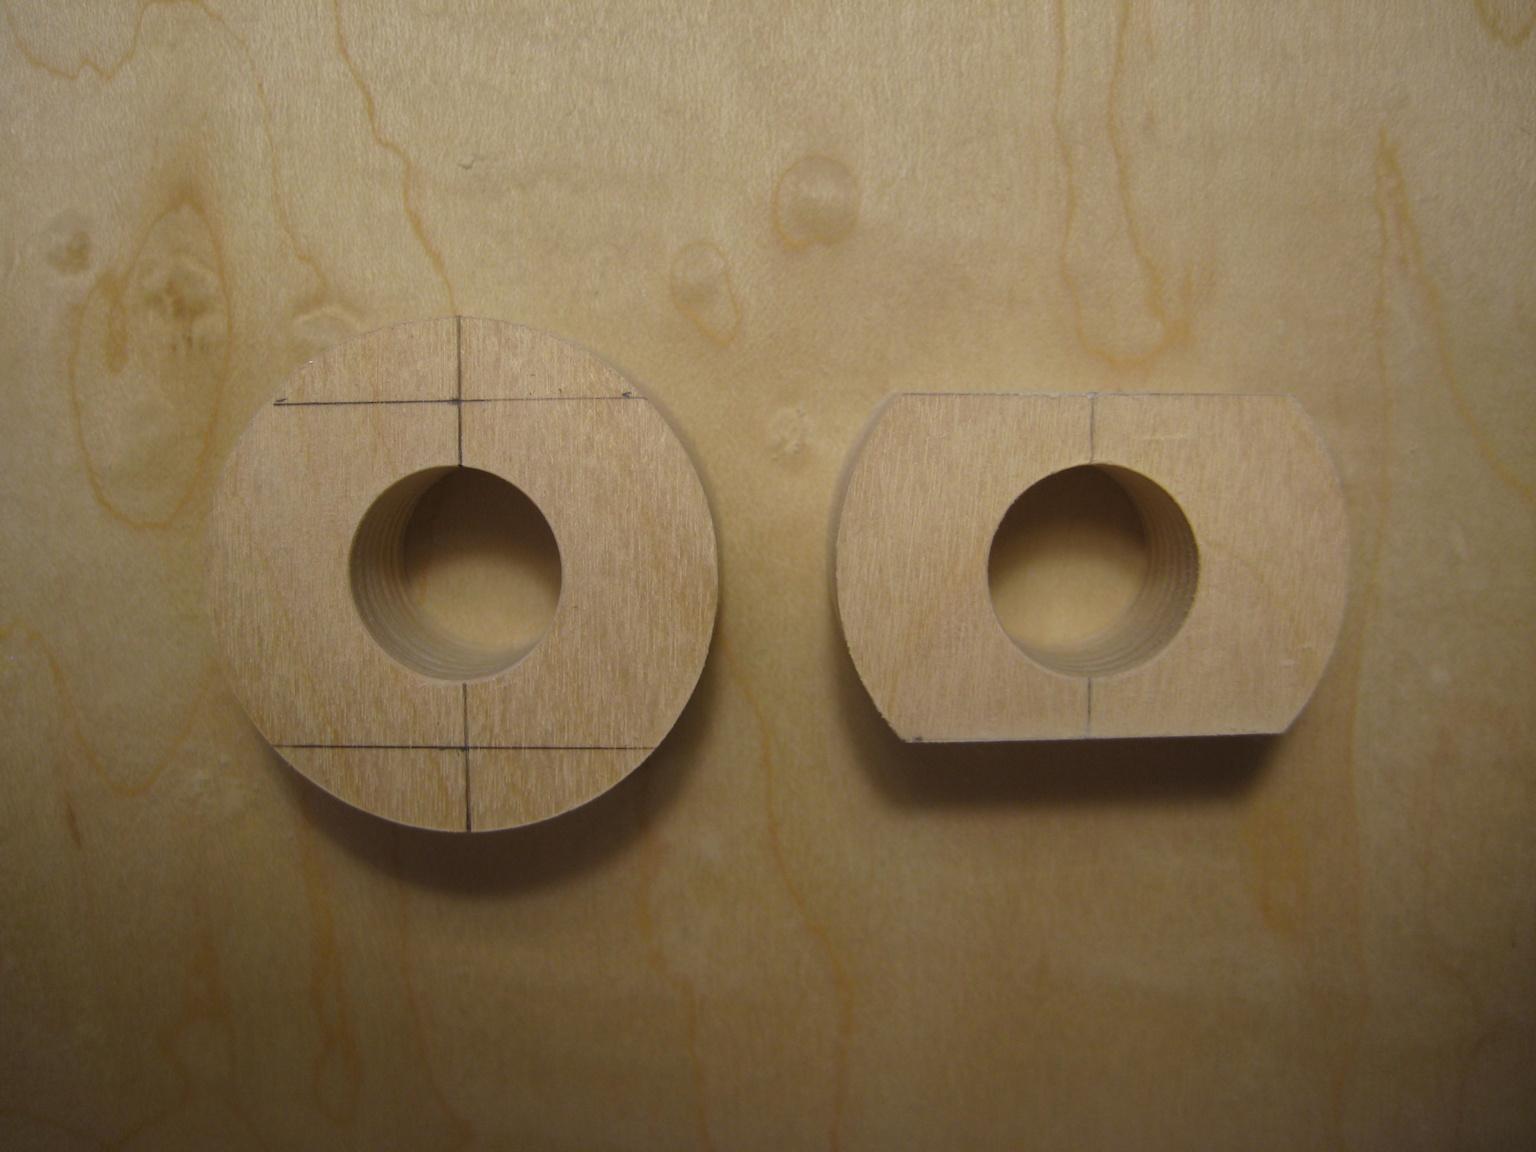 ChainClock-11.5-50.jpg